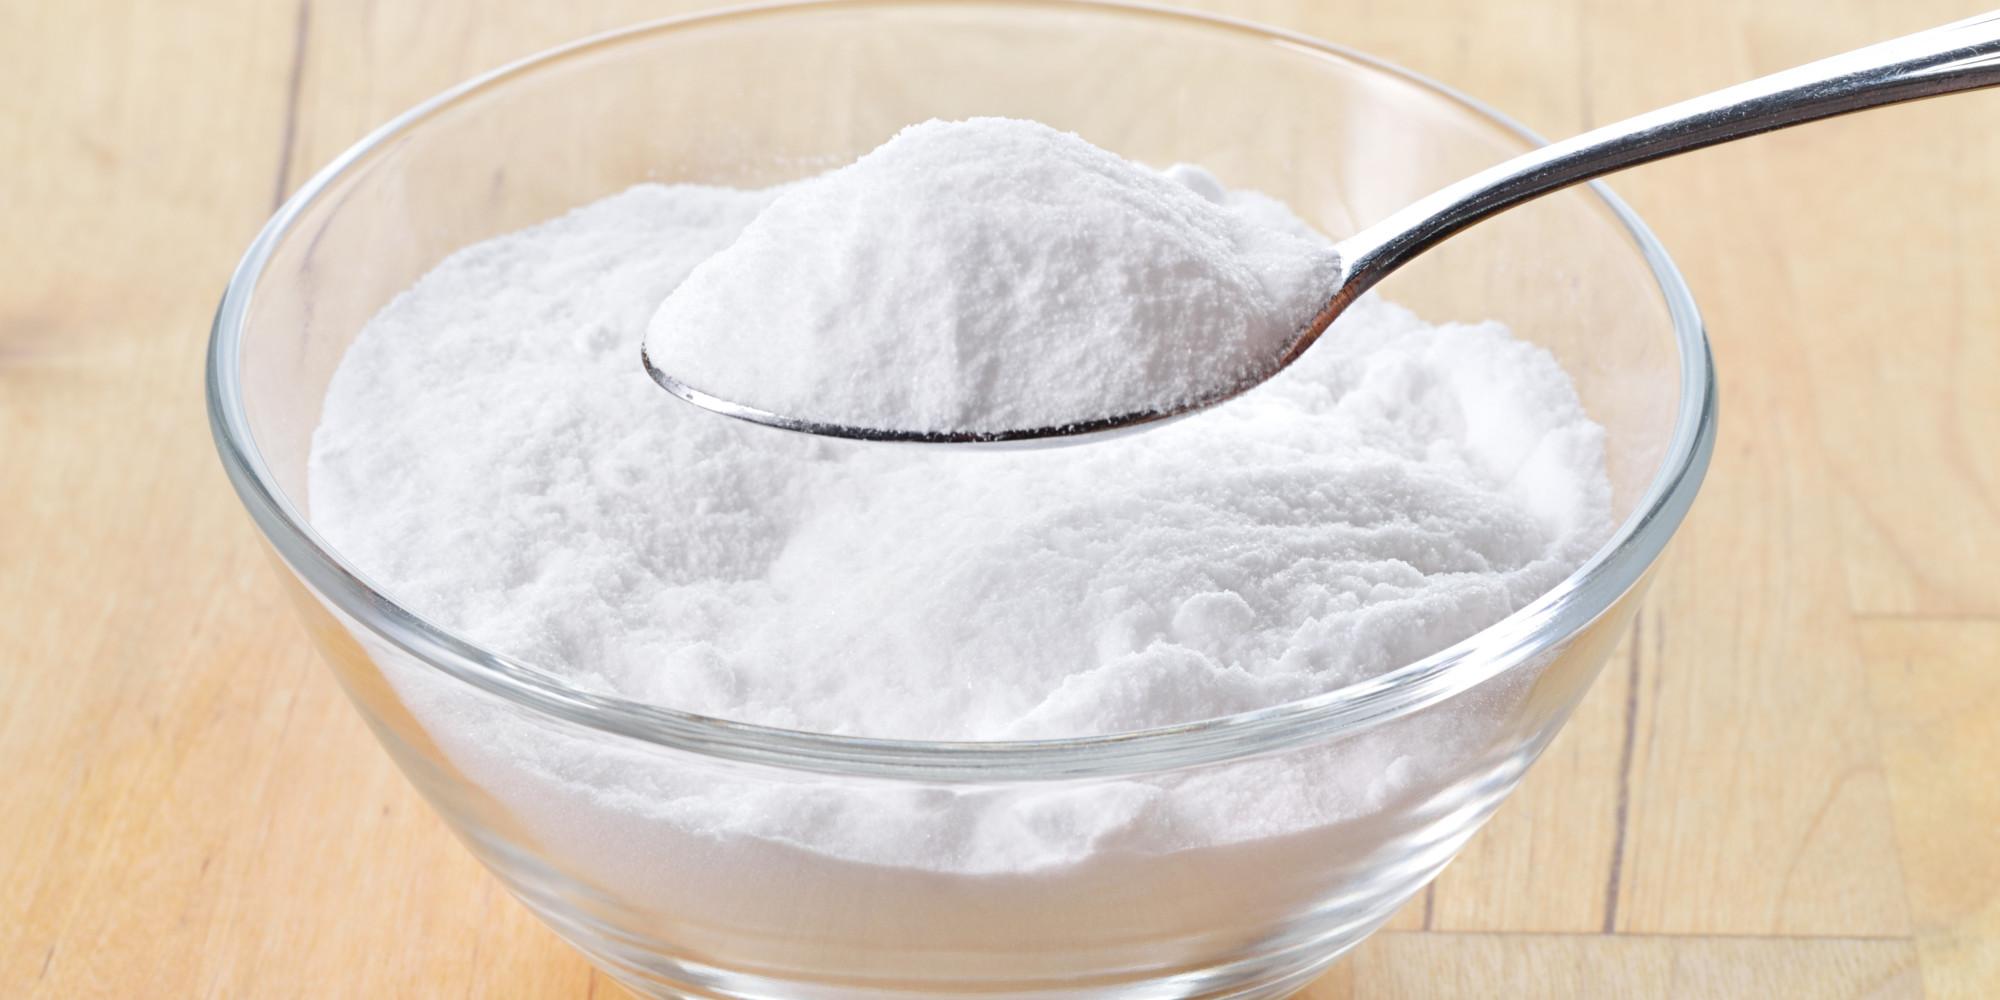 10 солевой раствор как сделать